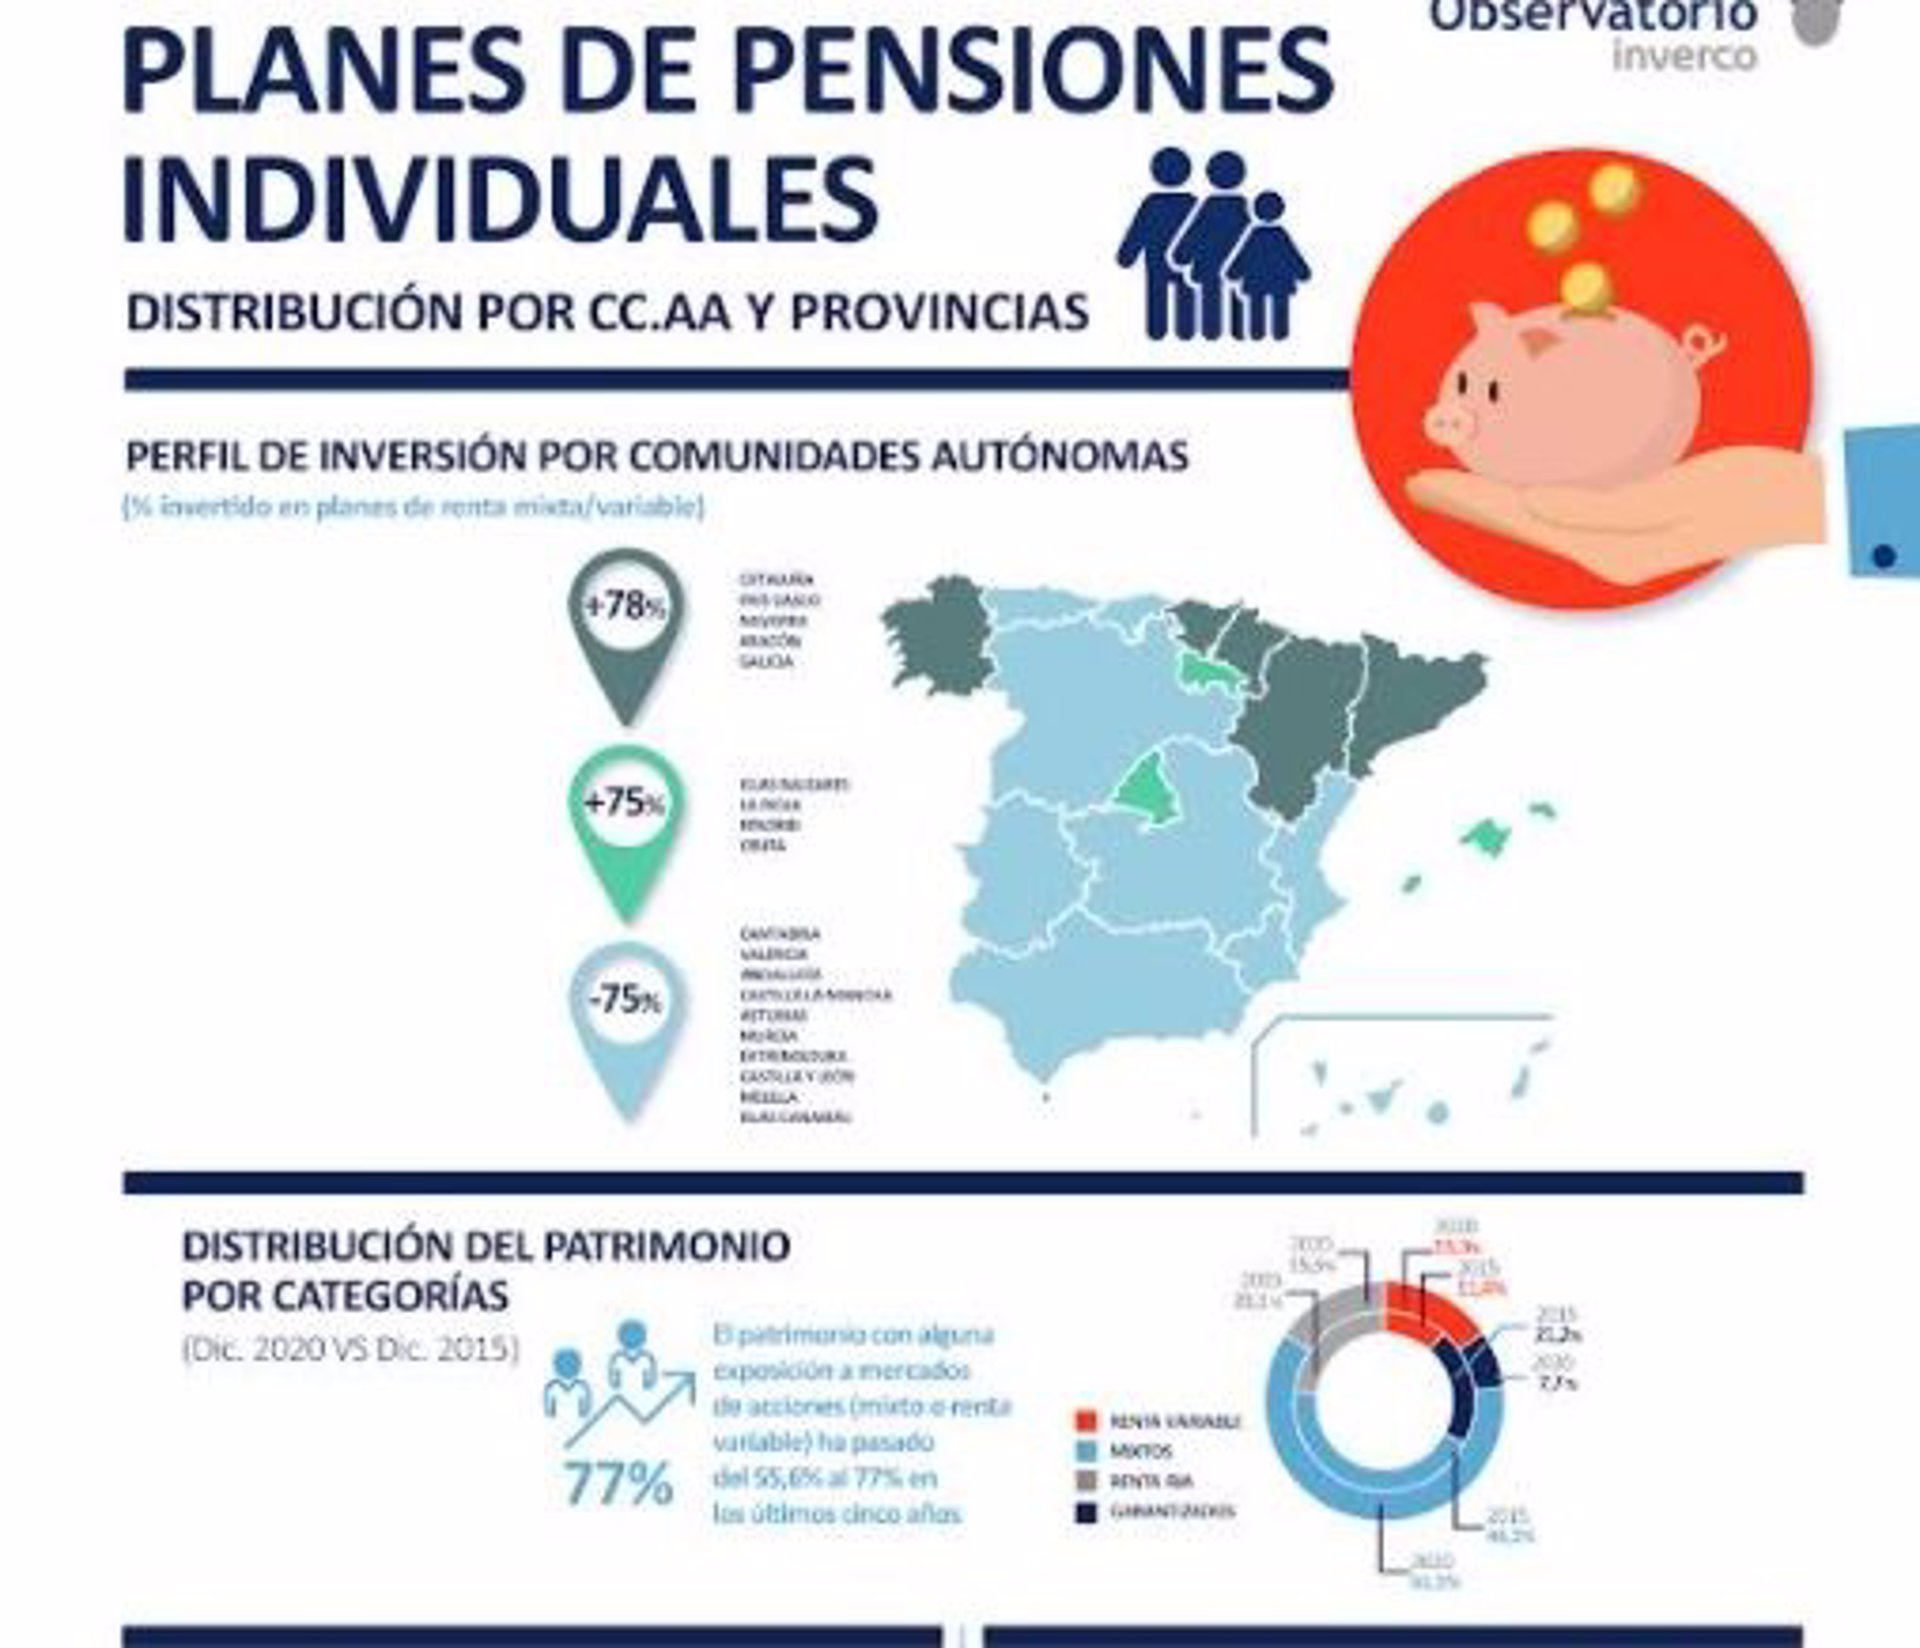 El 38% de las familias valencianas ahorra a través de un plan de pensiones, según Inverco